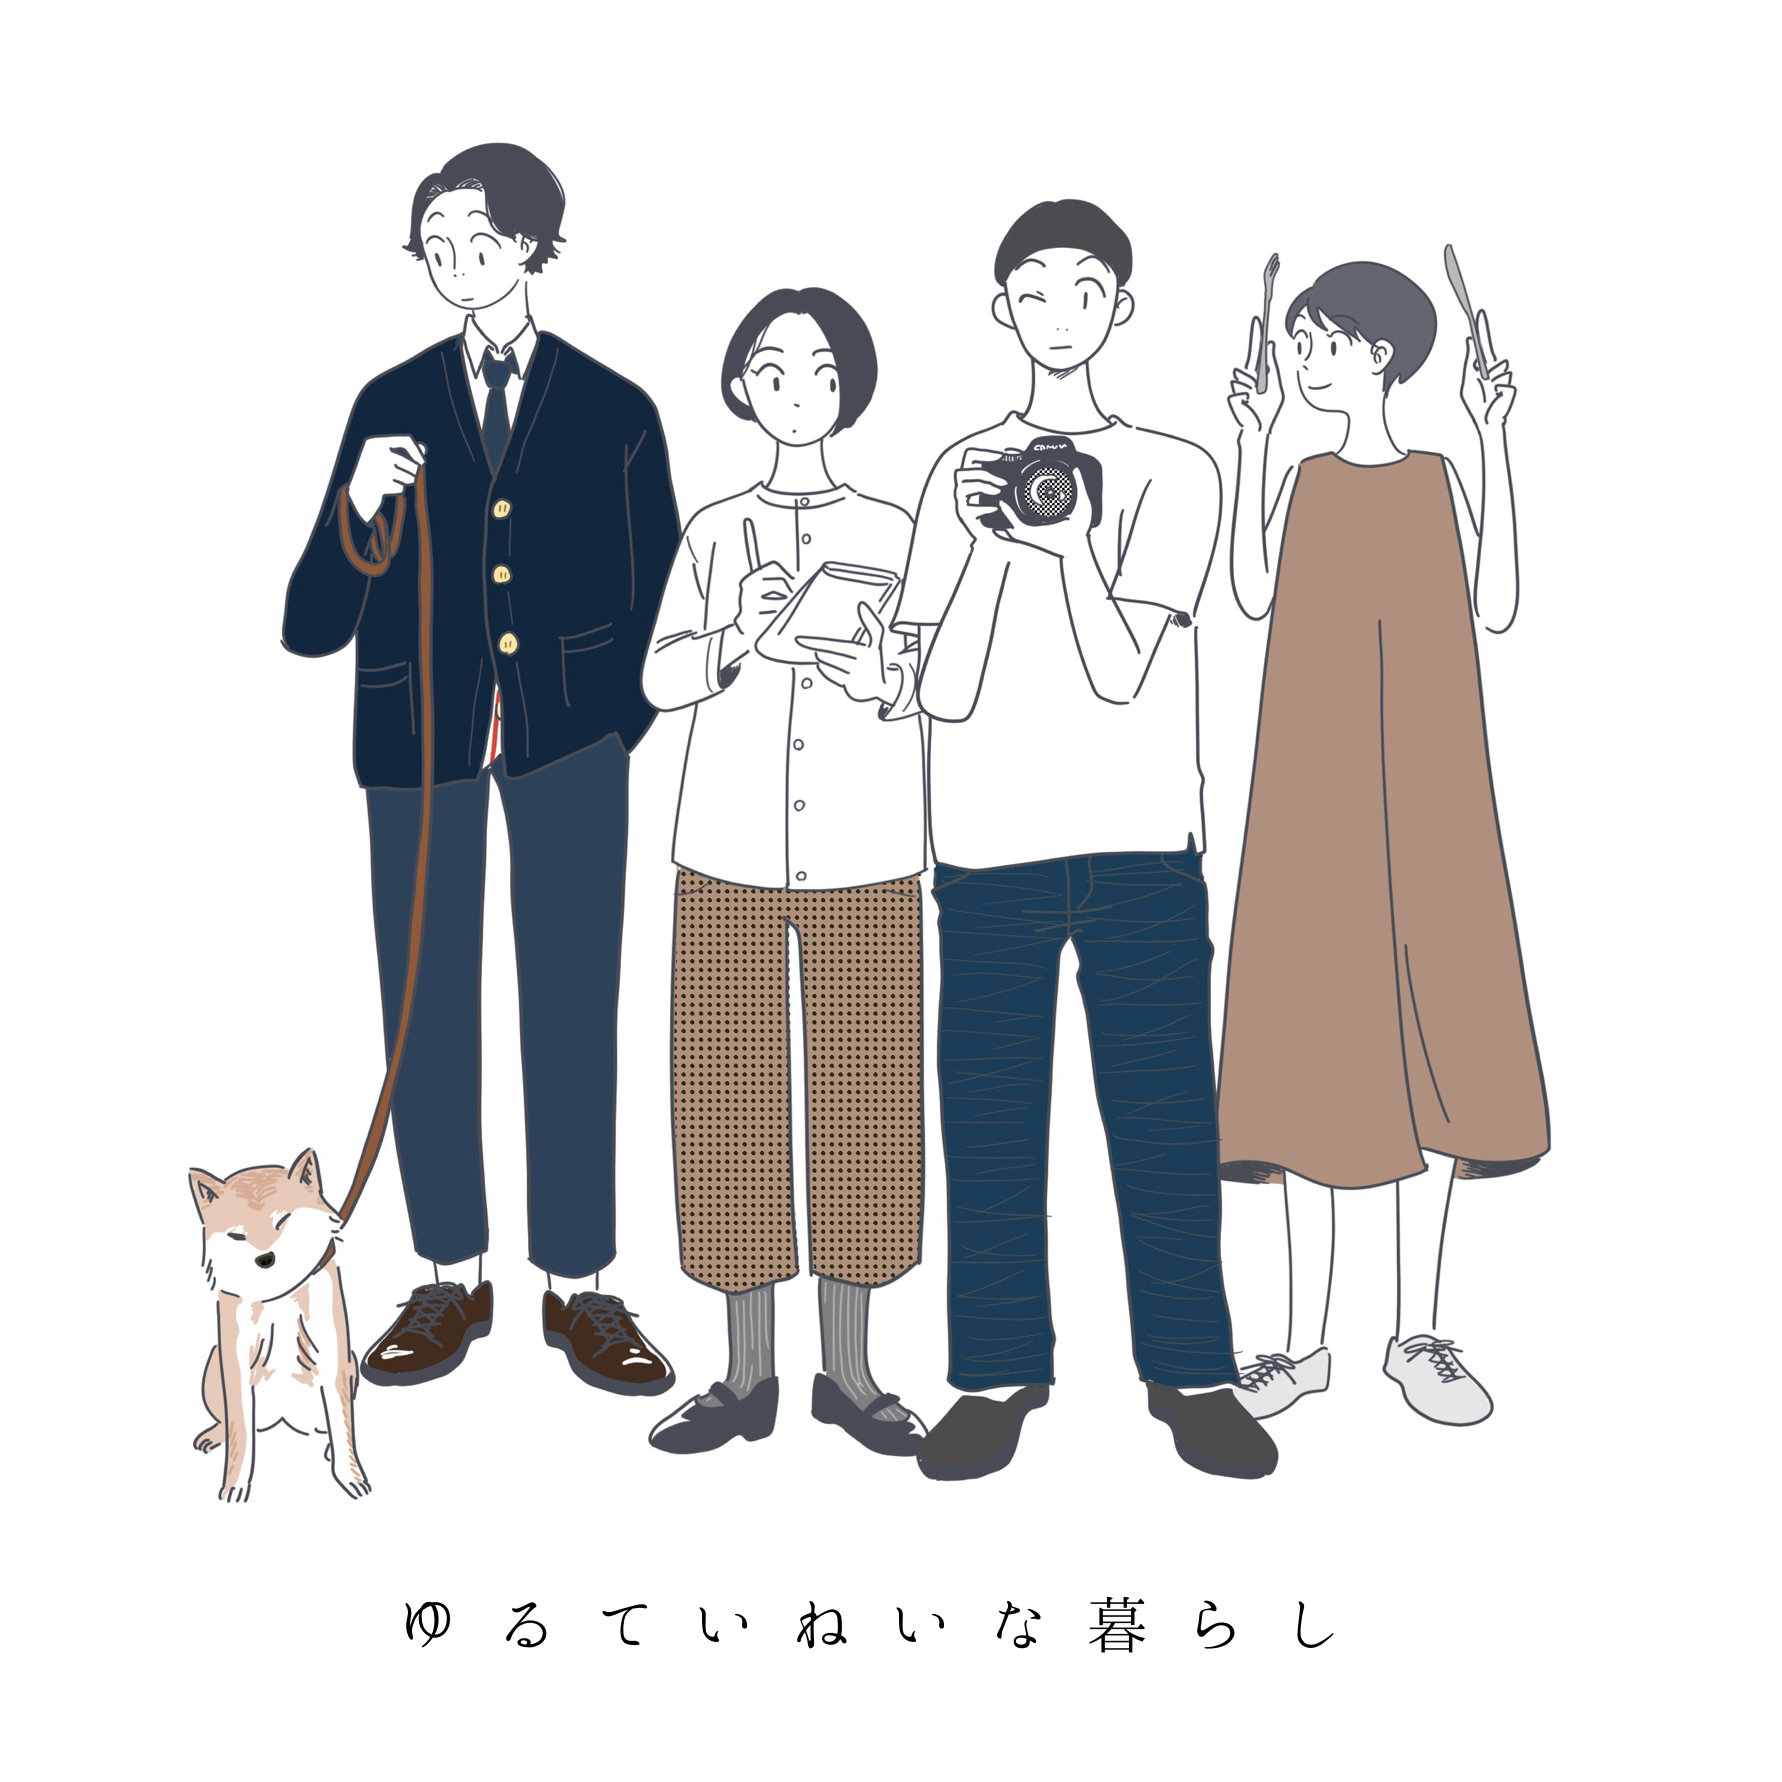 渋谷Hikarie ShinQsのWebメディア「ゆるていねいな暮らし」を監修しています。